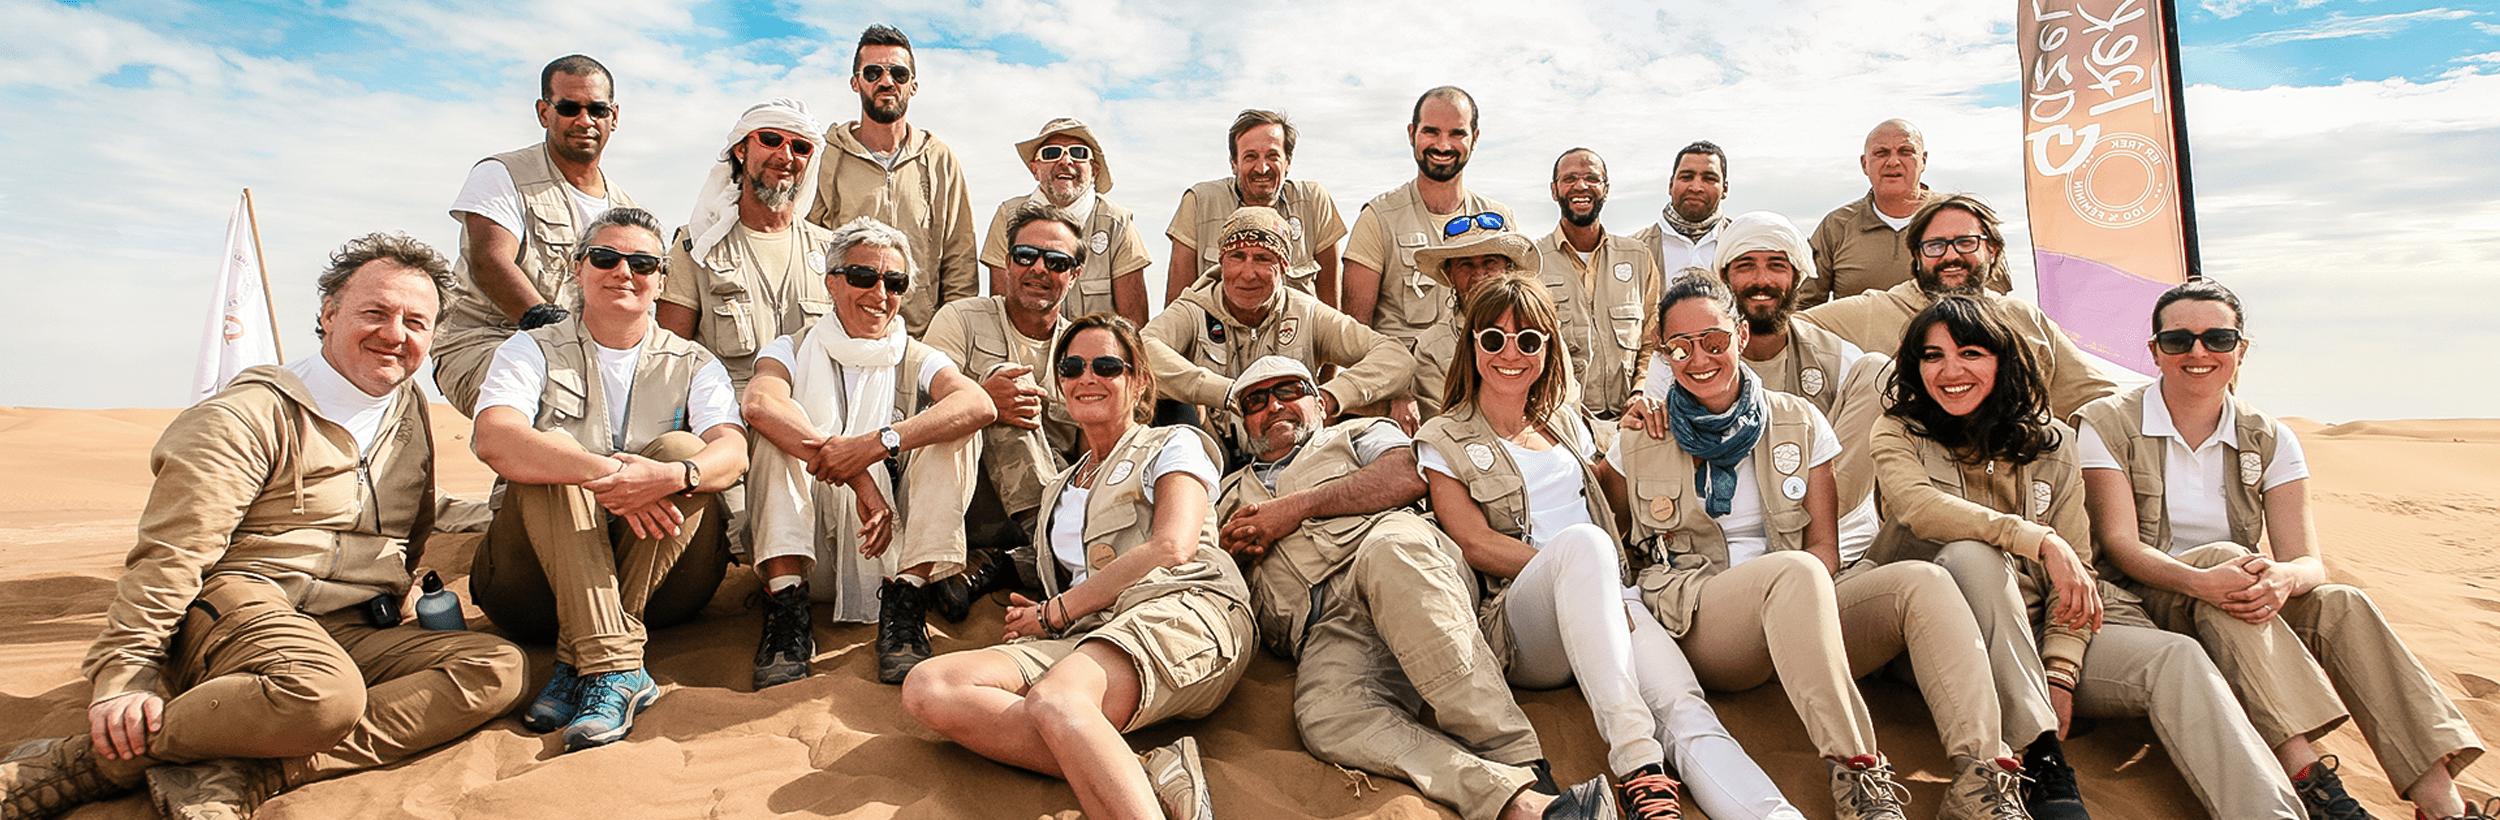 L'équipe organisatrice terrain du Trek des Gazelles, professionnelle et bienveillante avec ses gazelles.